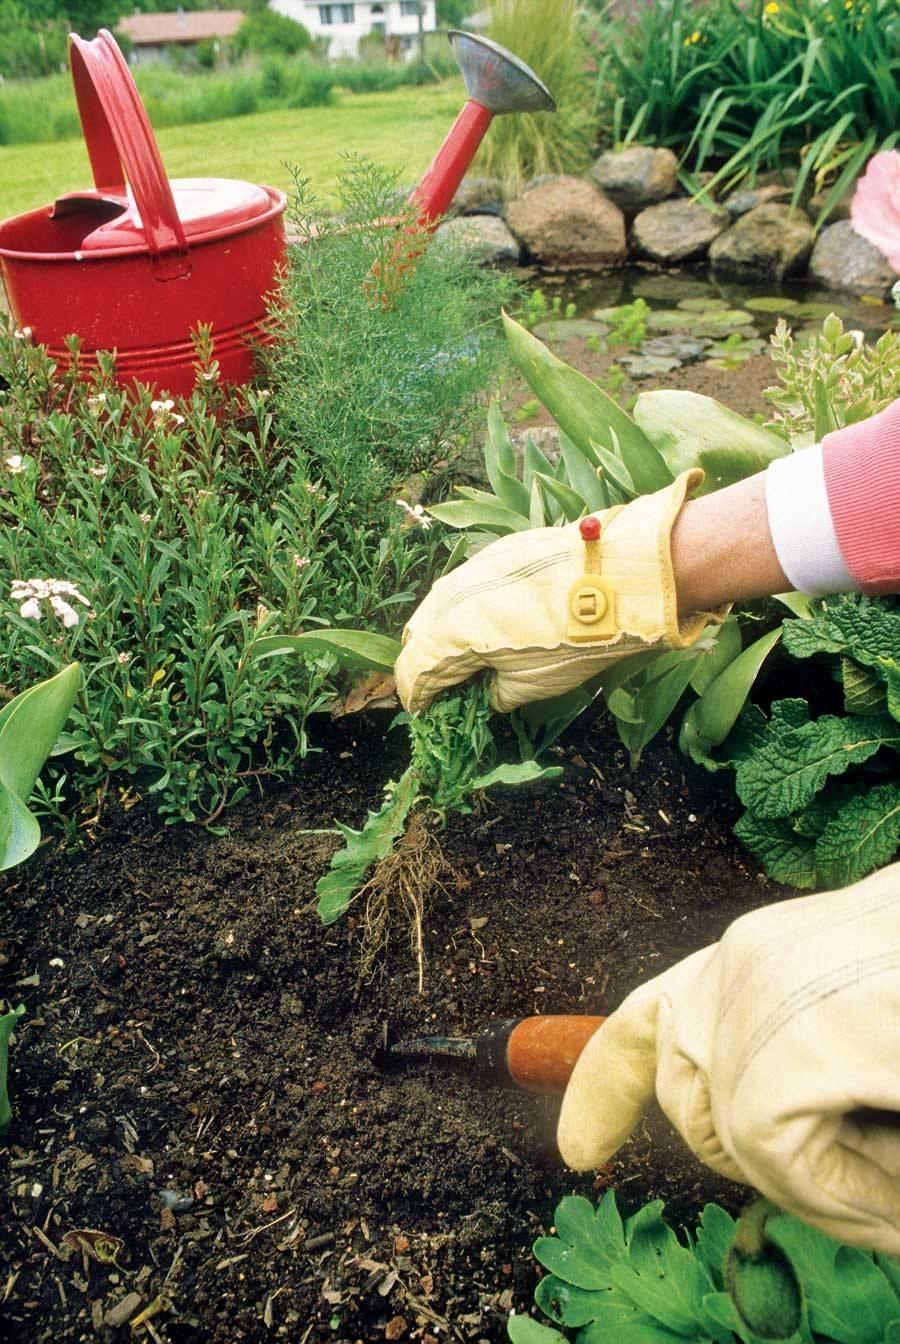 Garden Maintenance Methods Keep Weeds Under Control